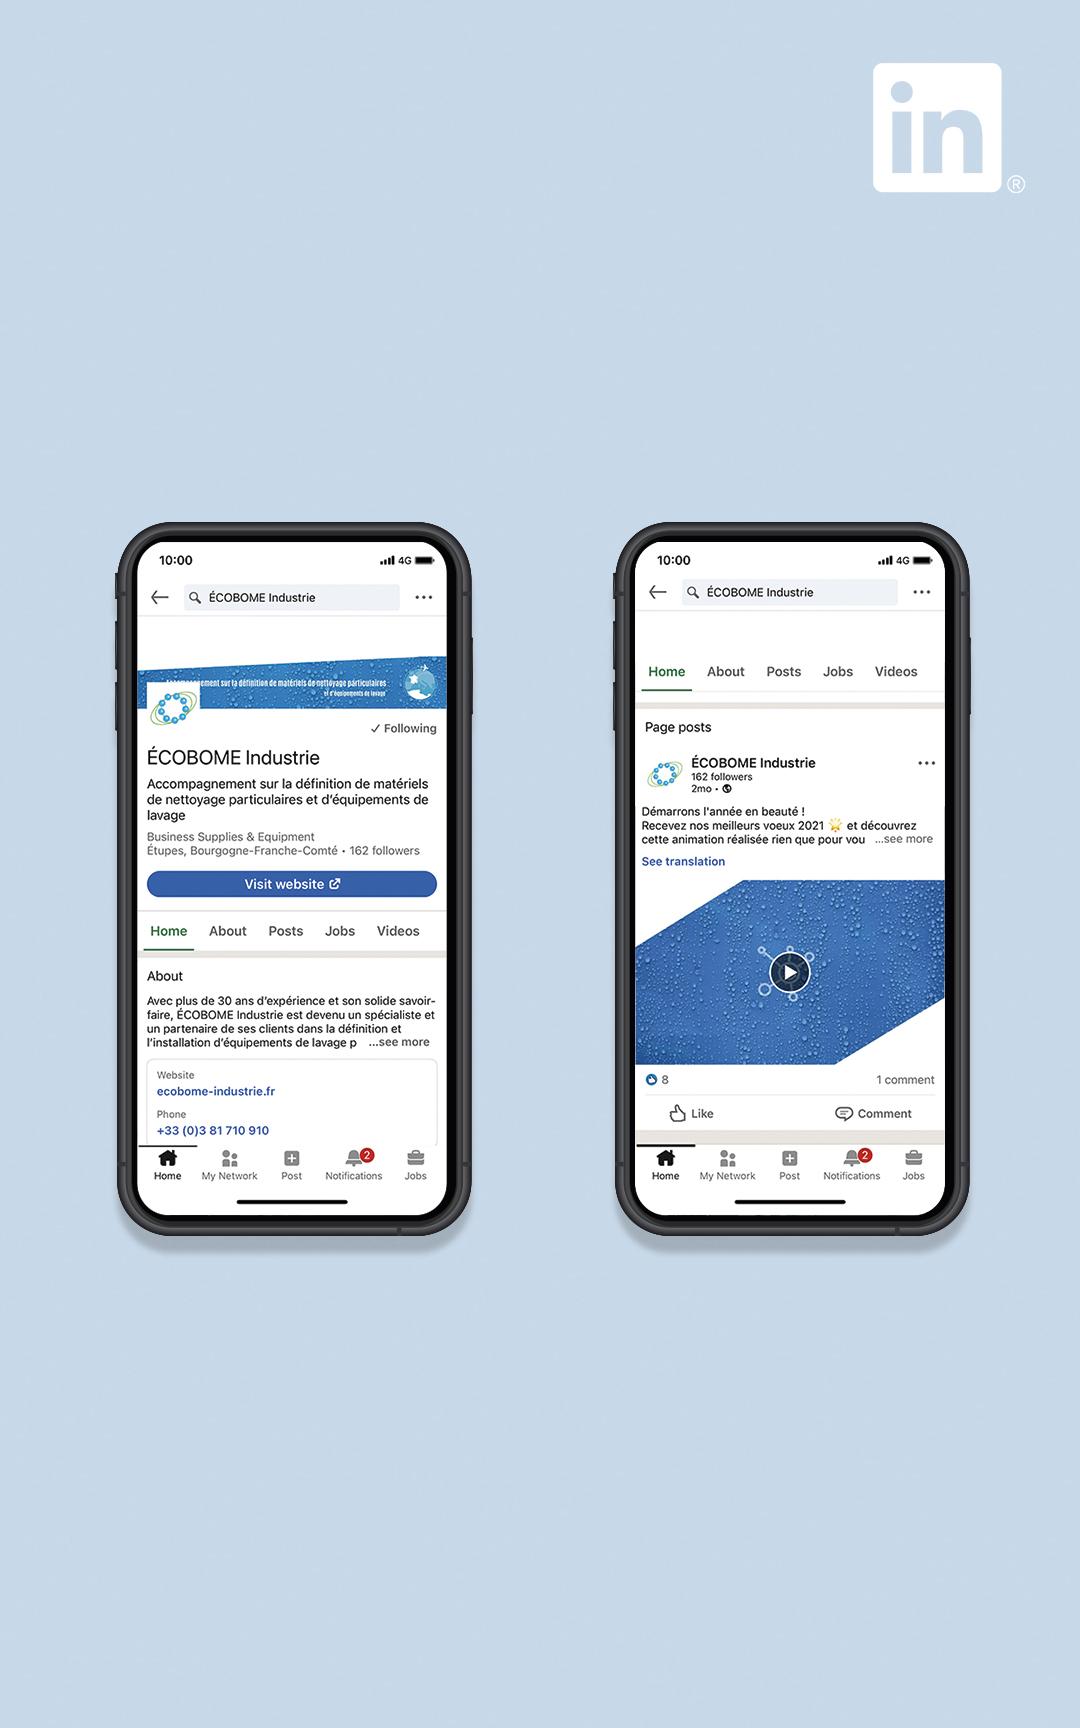 Création d'un compte LinkedIn pour Ecobome